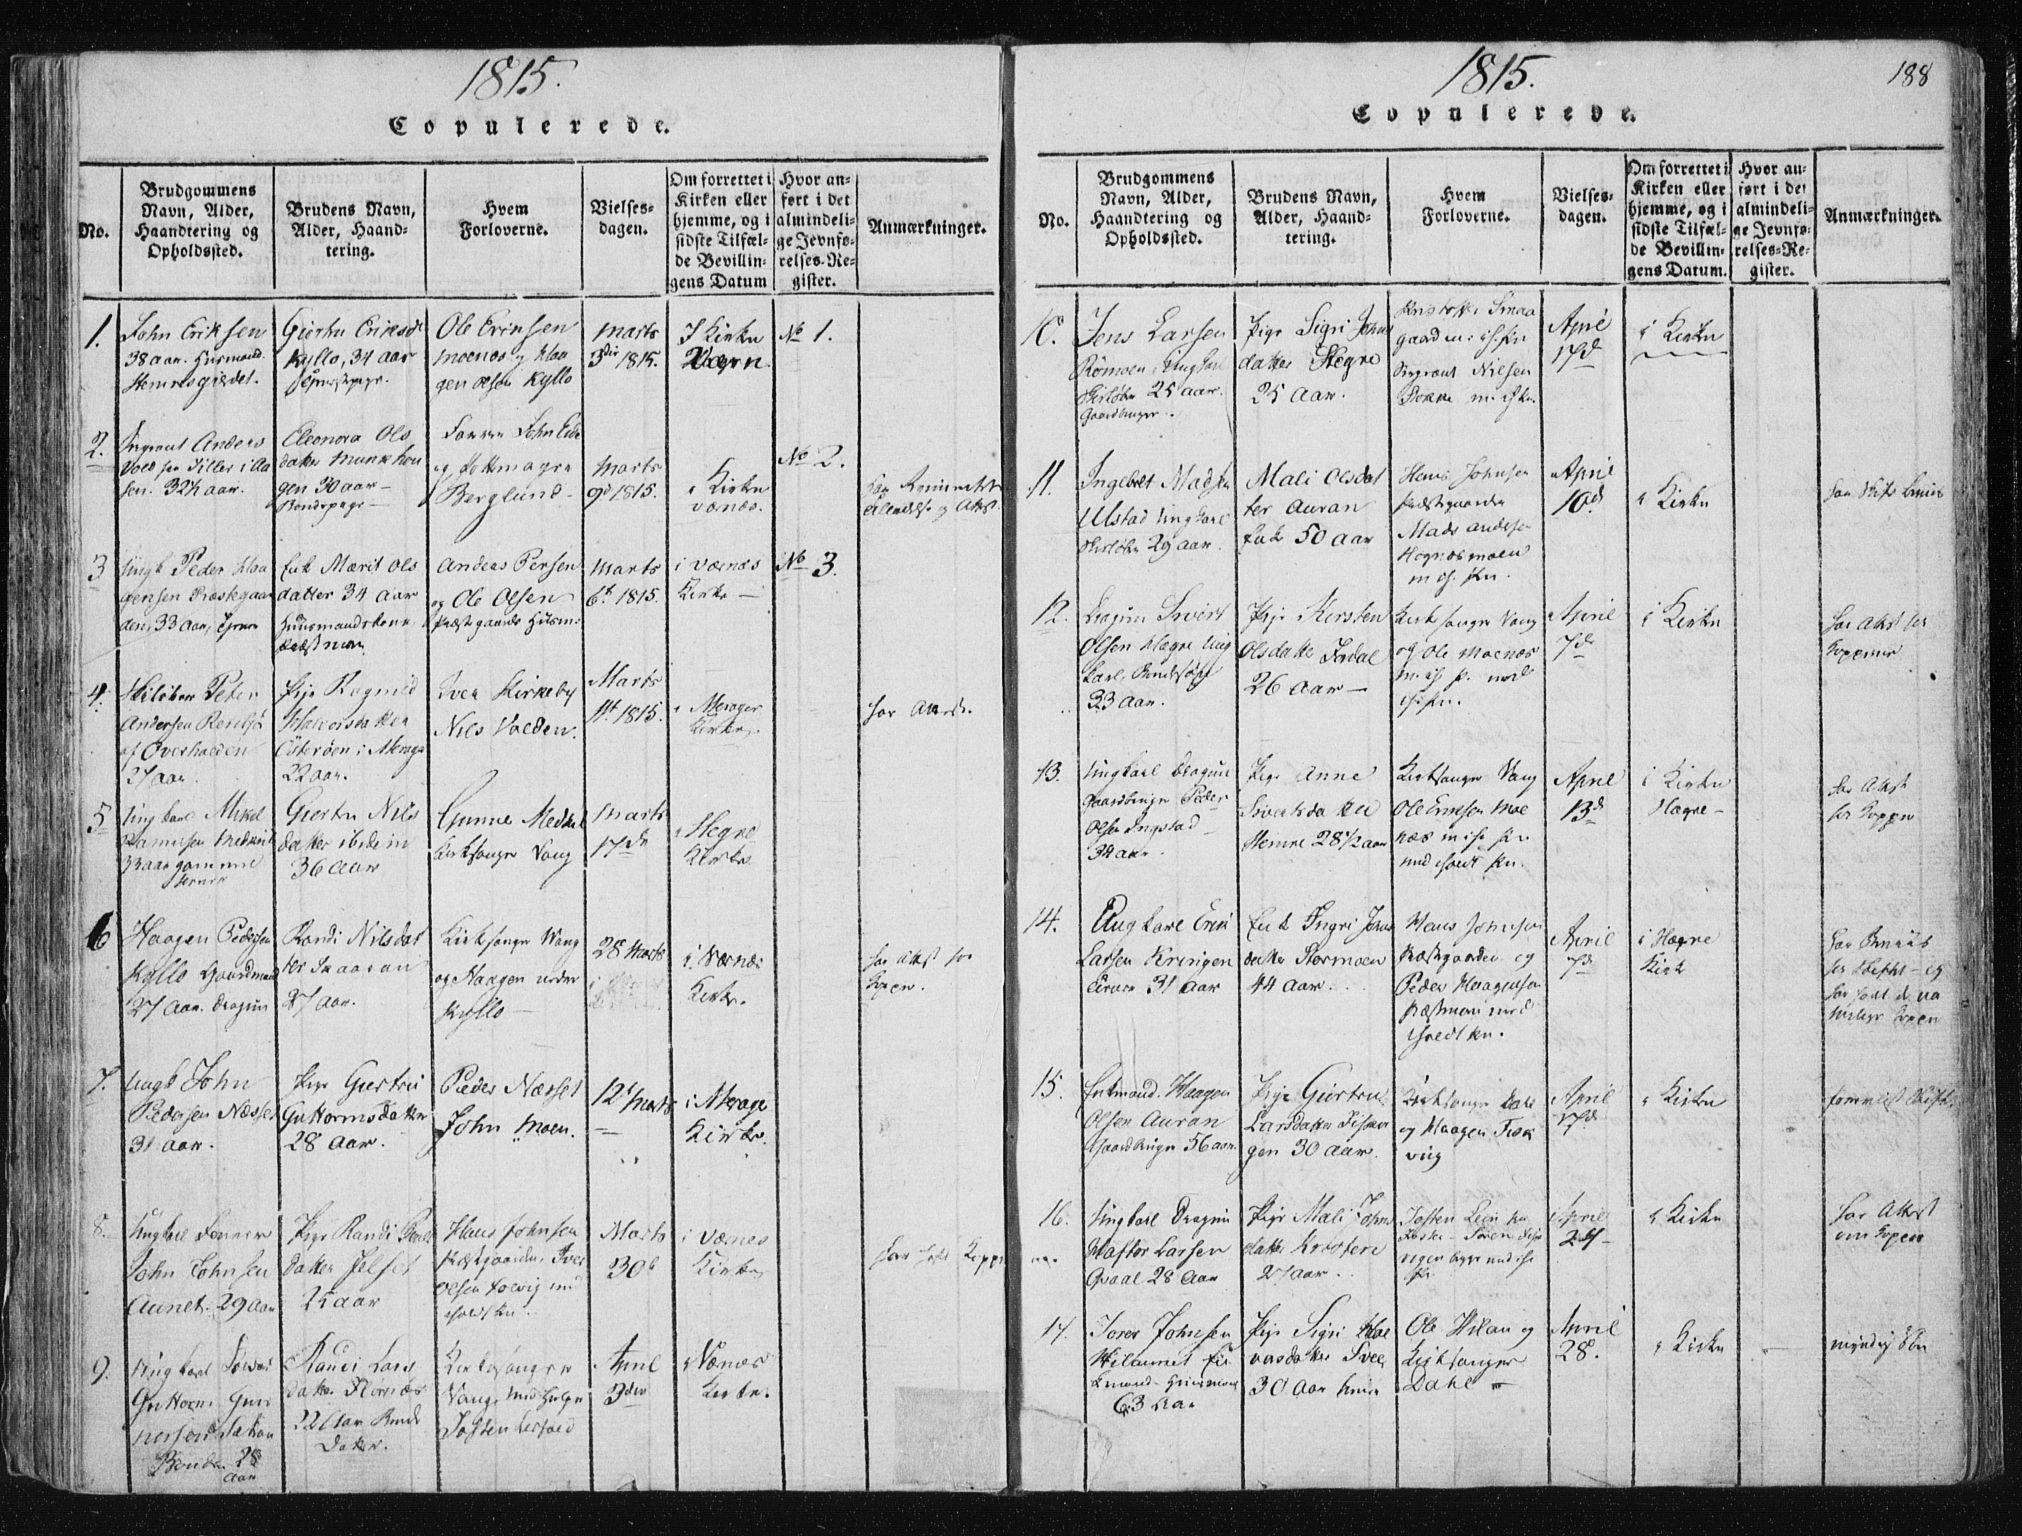 SAT, Ministerialprotokoller, klokkerbøker og fødselsregistre - Nord-Trøndelag, 709/L0061: Ministerialbok nr. 709A08 /1, 1815-1819, s. 188